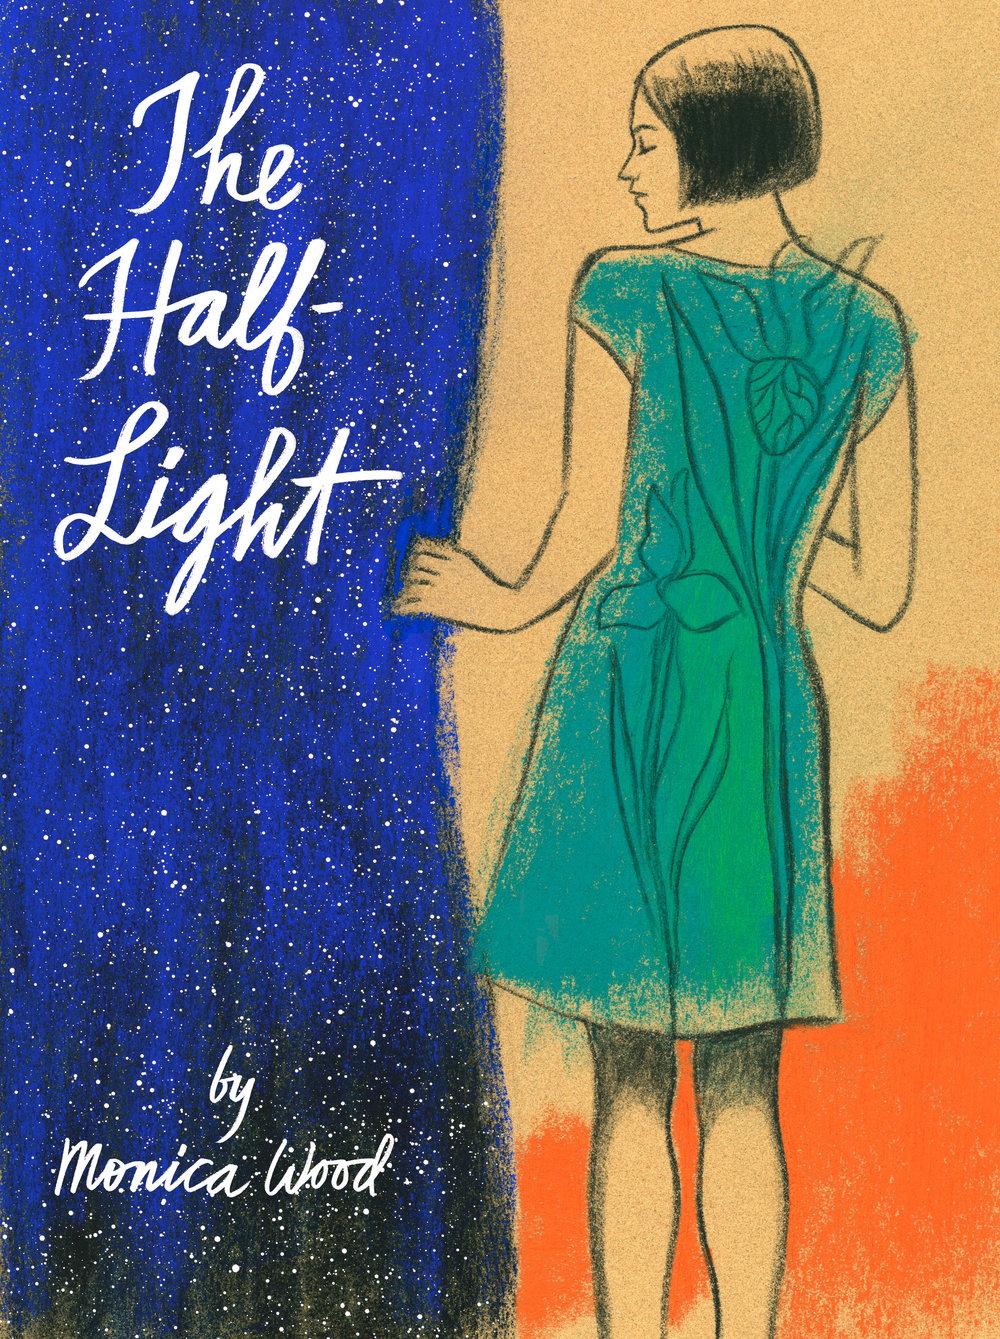 4 HALF-light-web.jpg